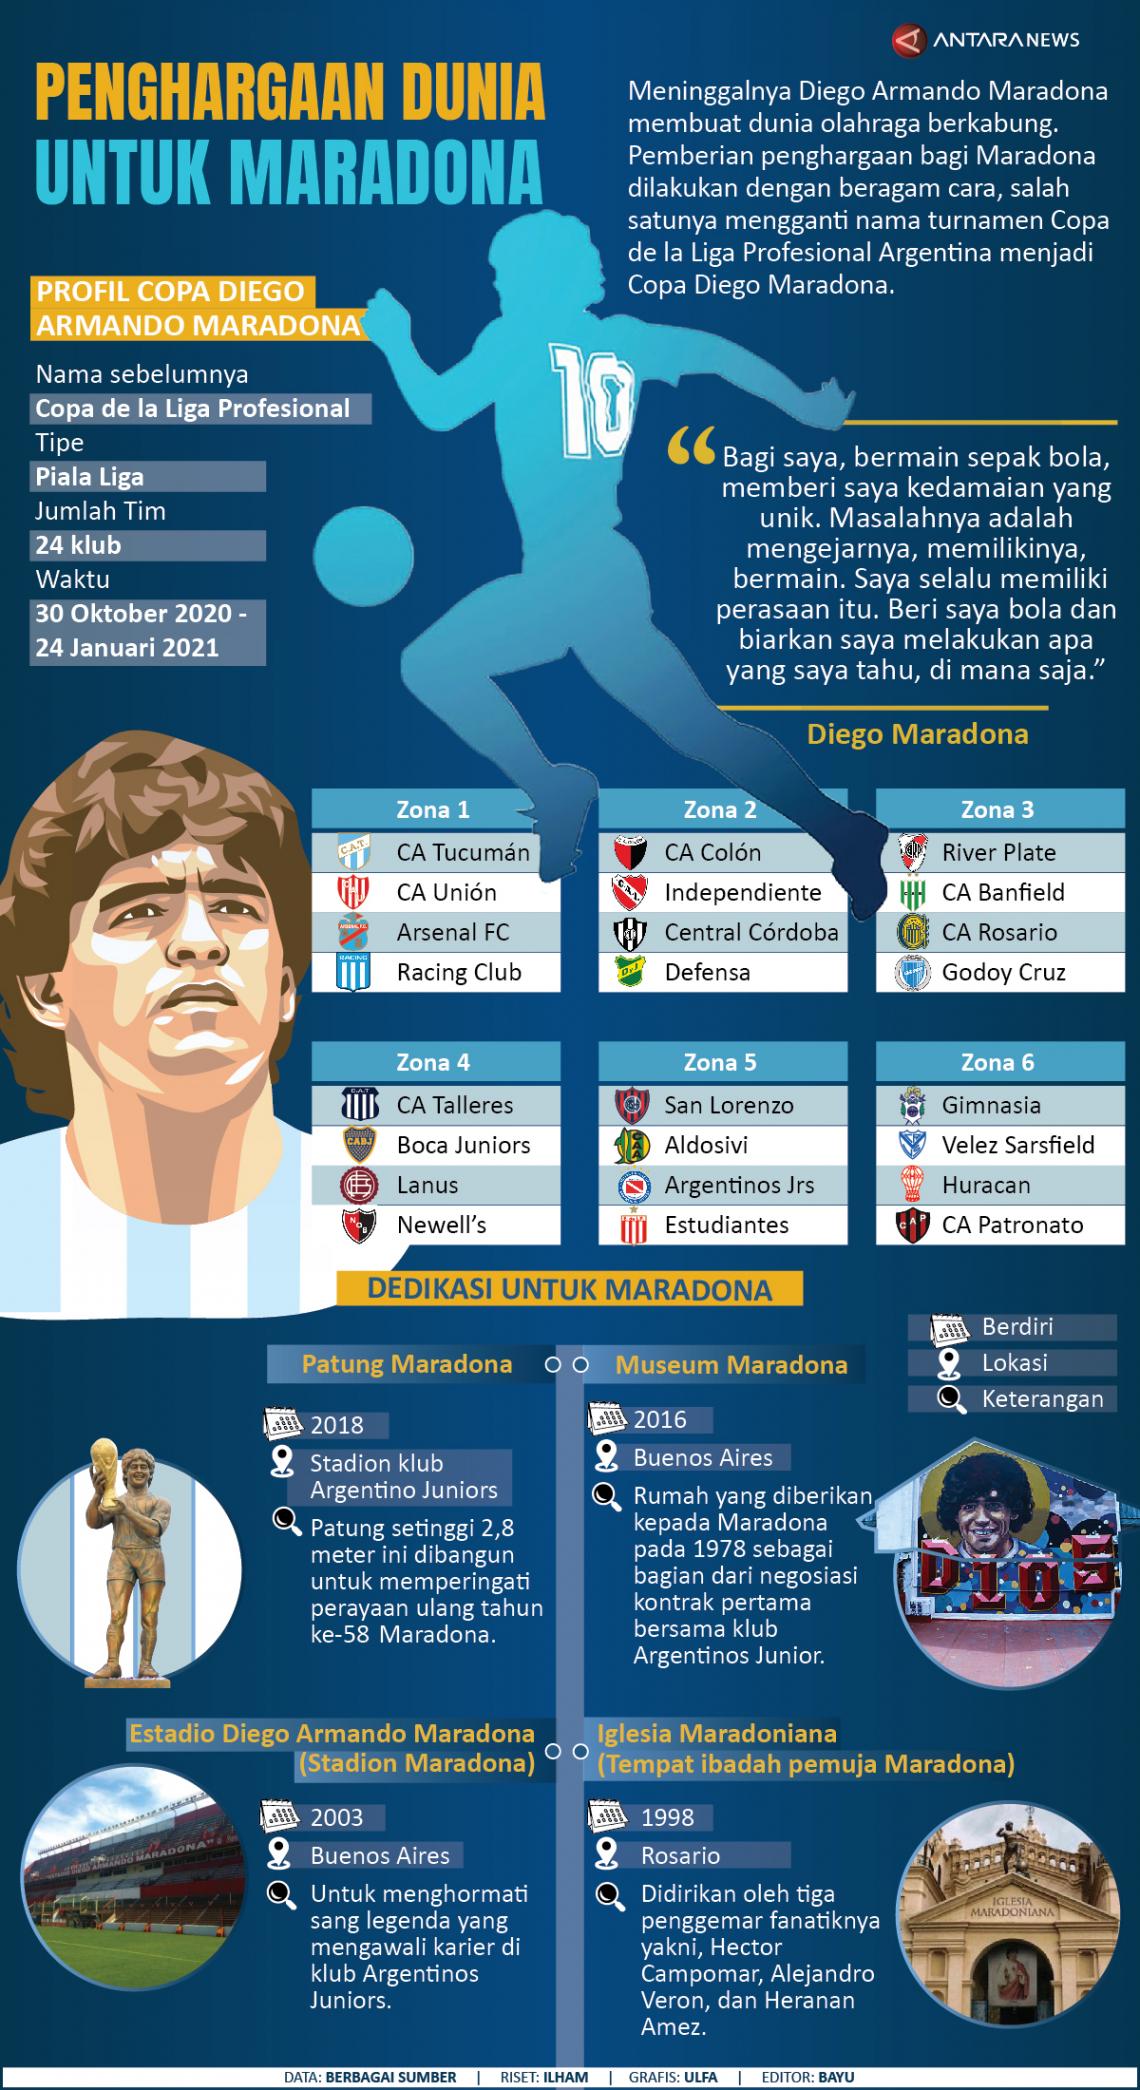 Penghargaan dunia untuk Maradona